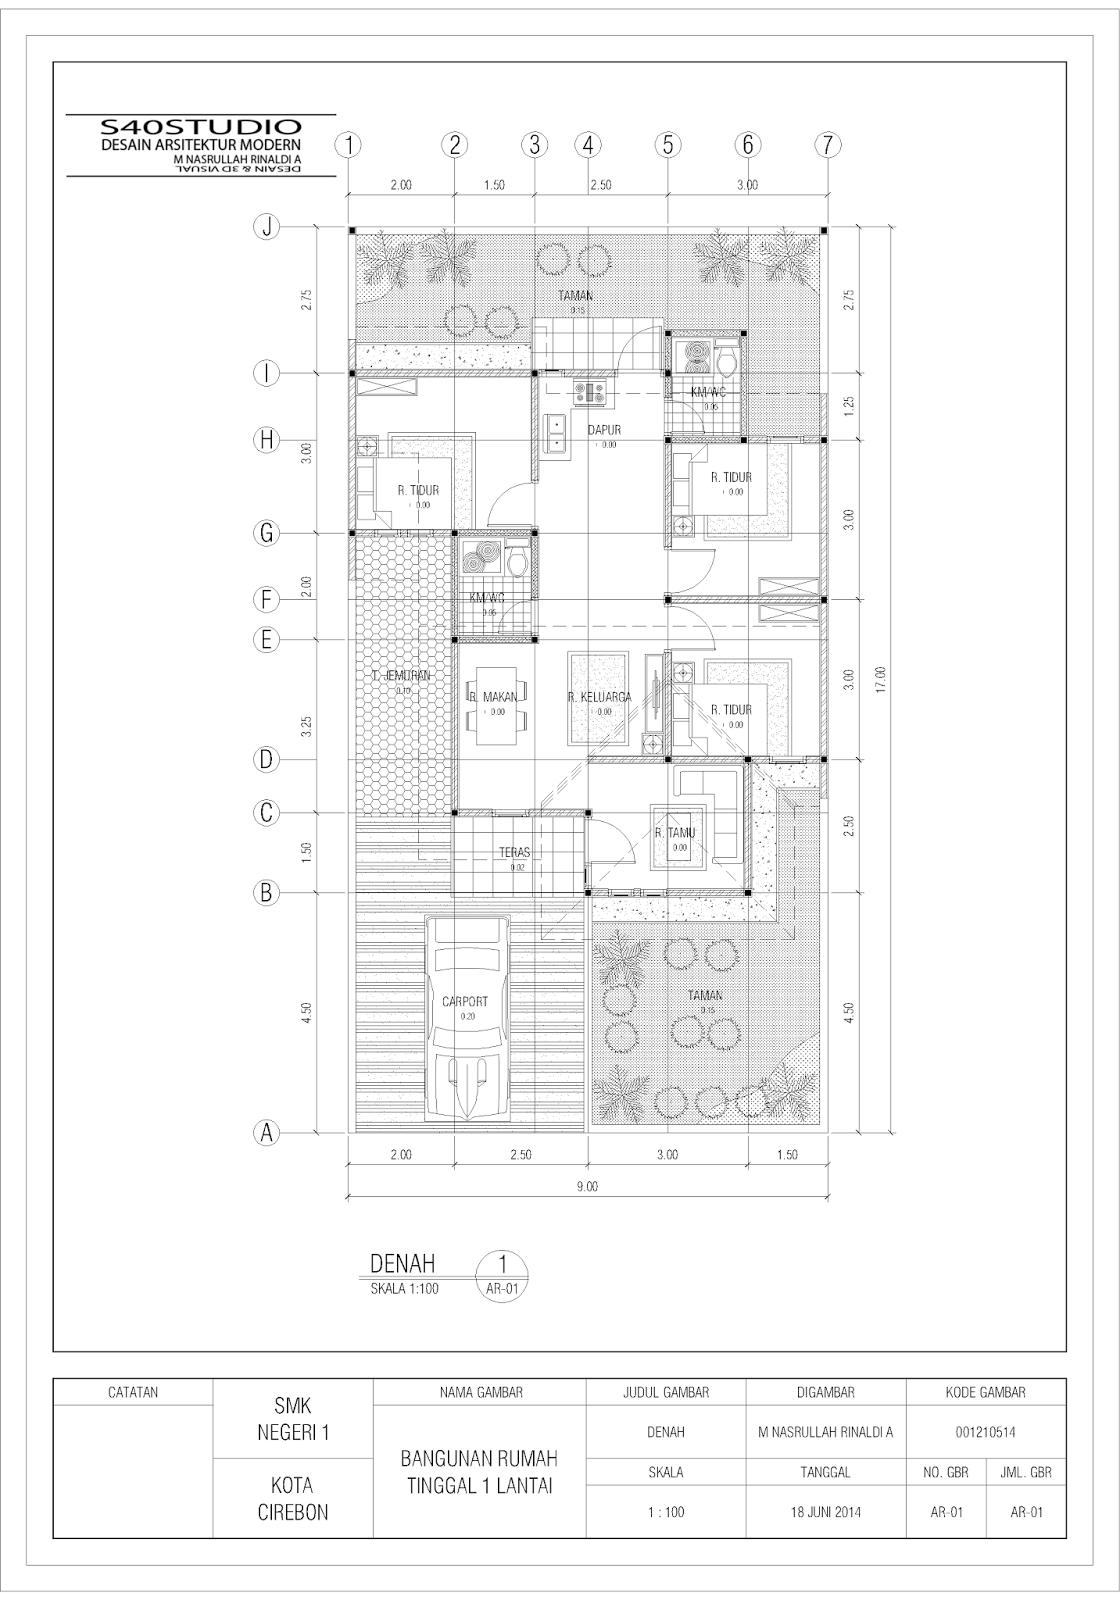 Desain Rumah 9 X 17 Meter DESAIN RUMAH MINIMALIS MODERN S40studio